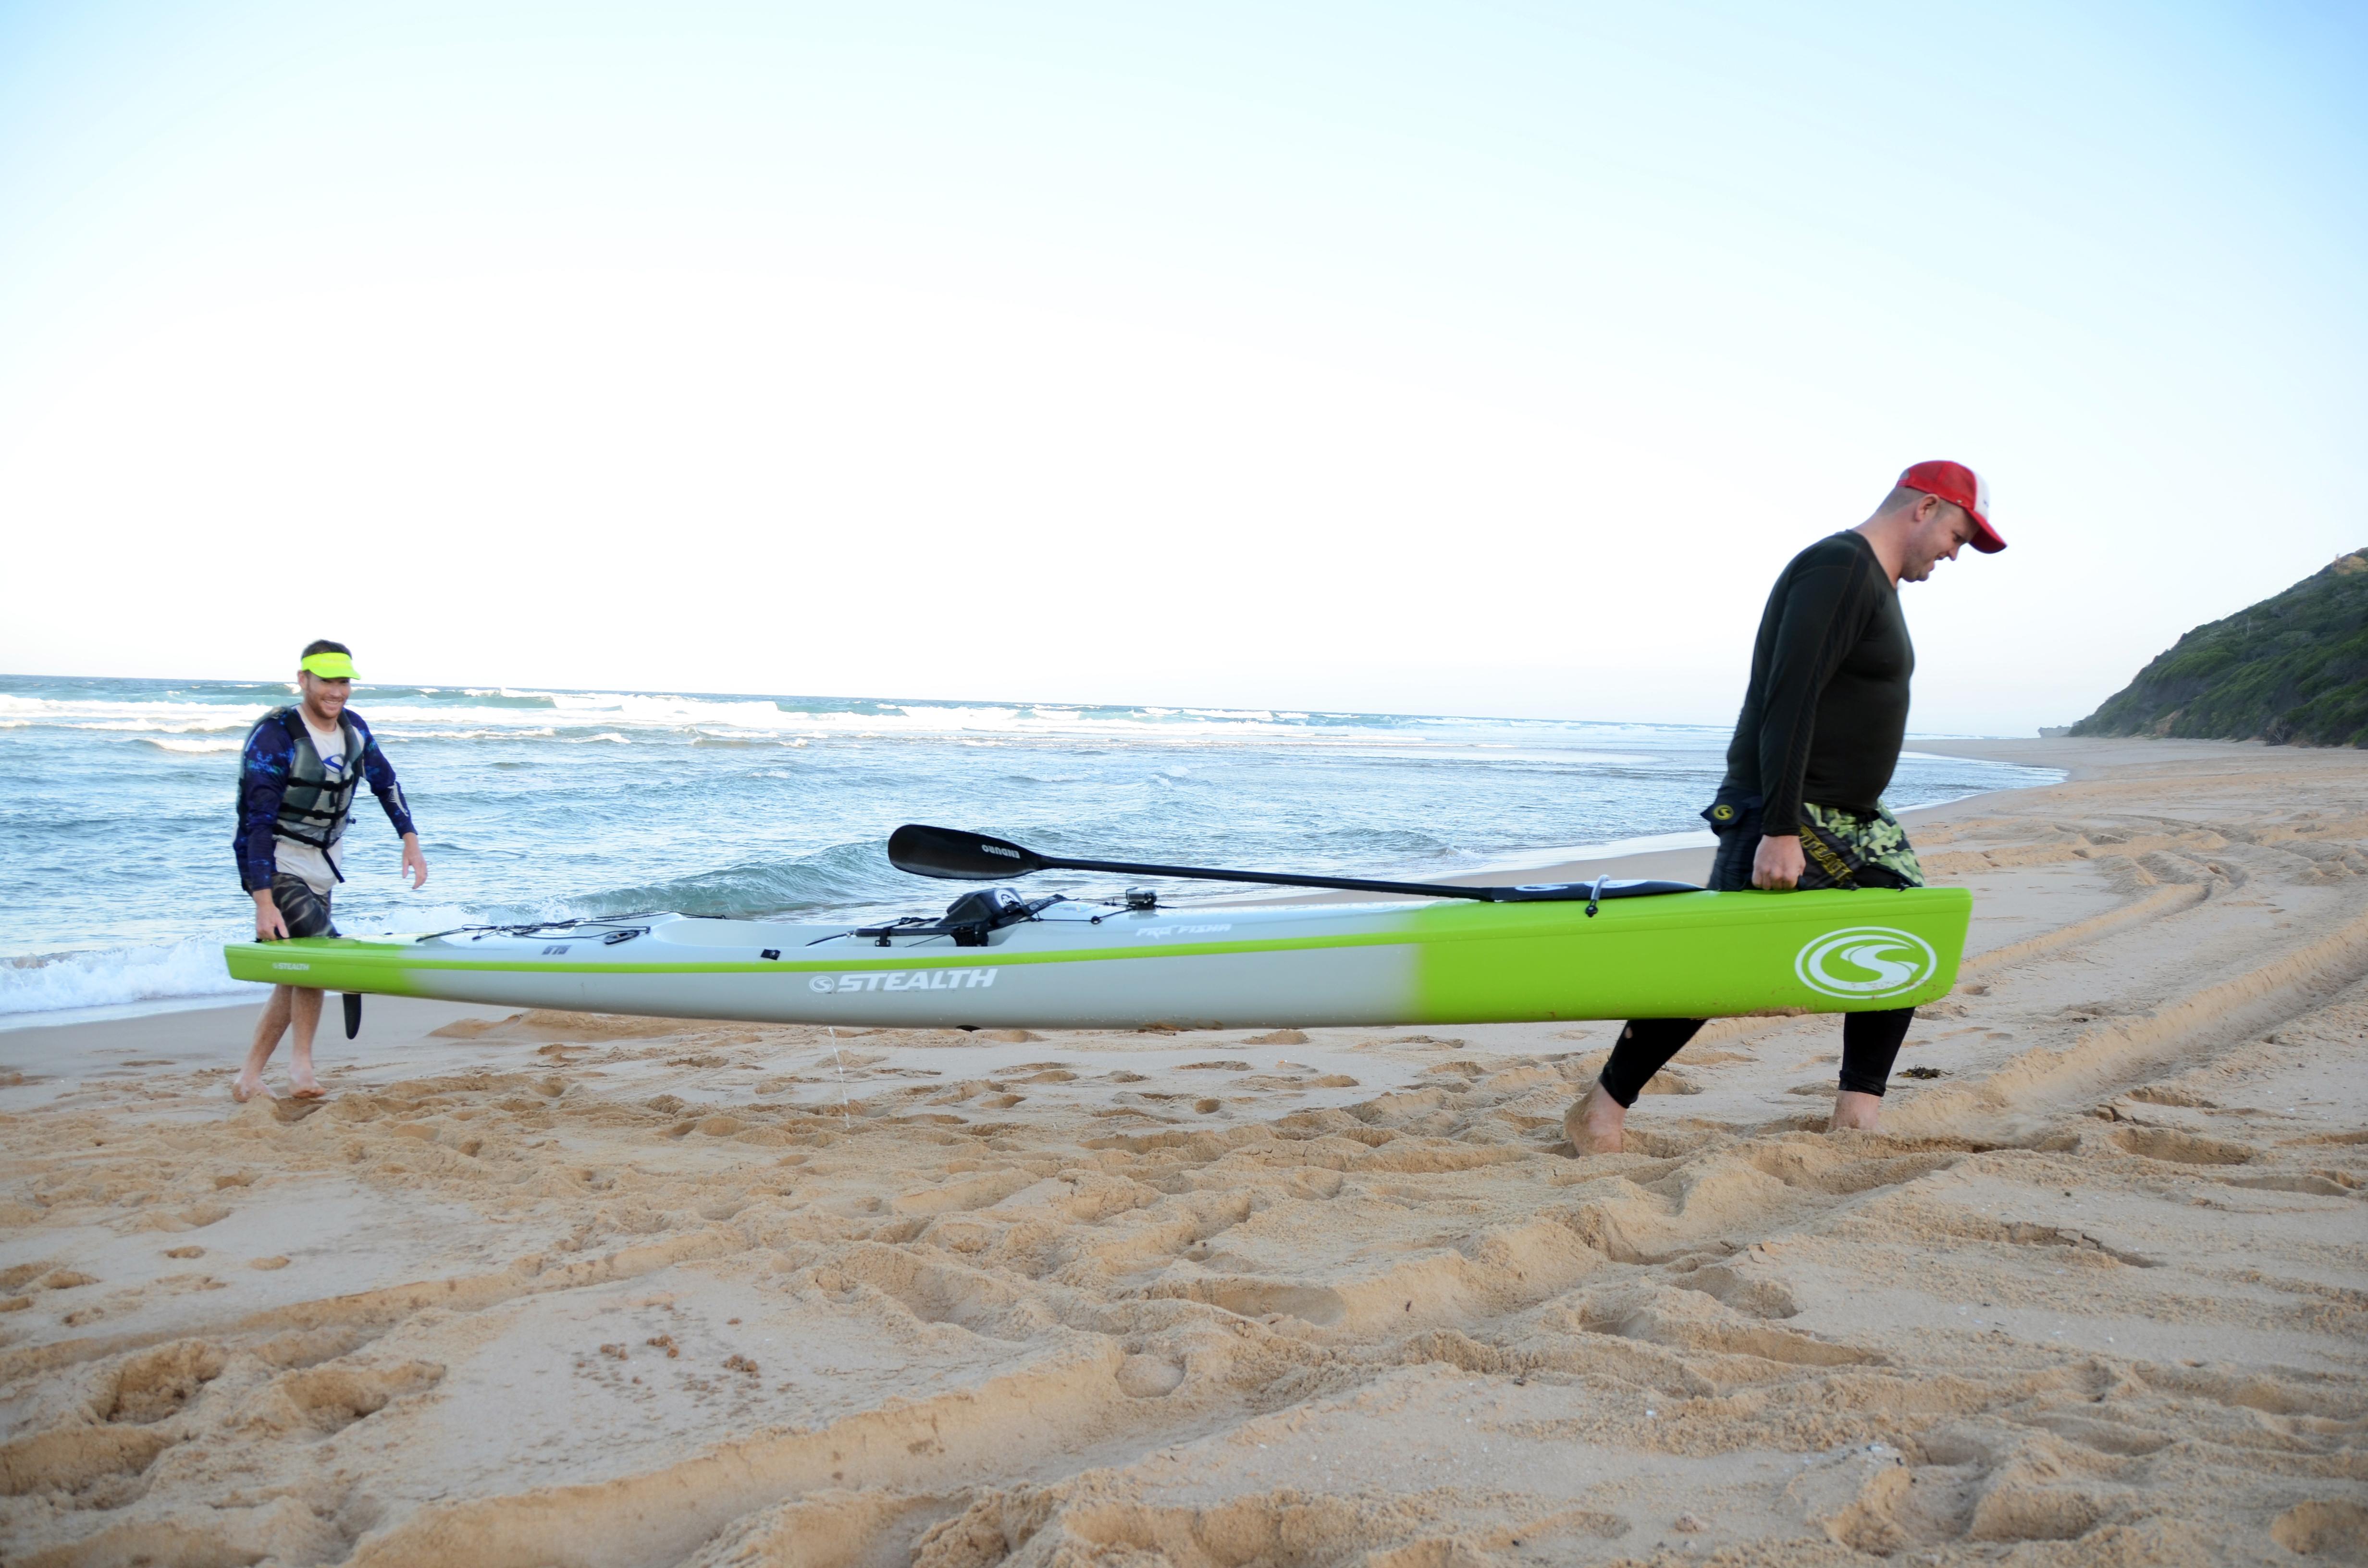 KAYAK SURFING TRAVEL DINGHY KAYAK FISHING ROD /& REEL SEA FISHING BOAT